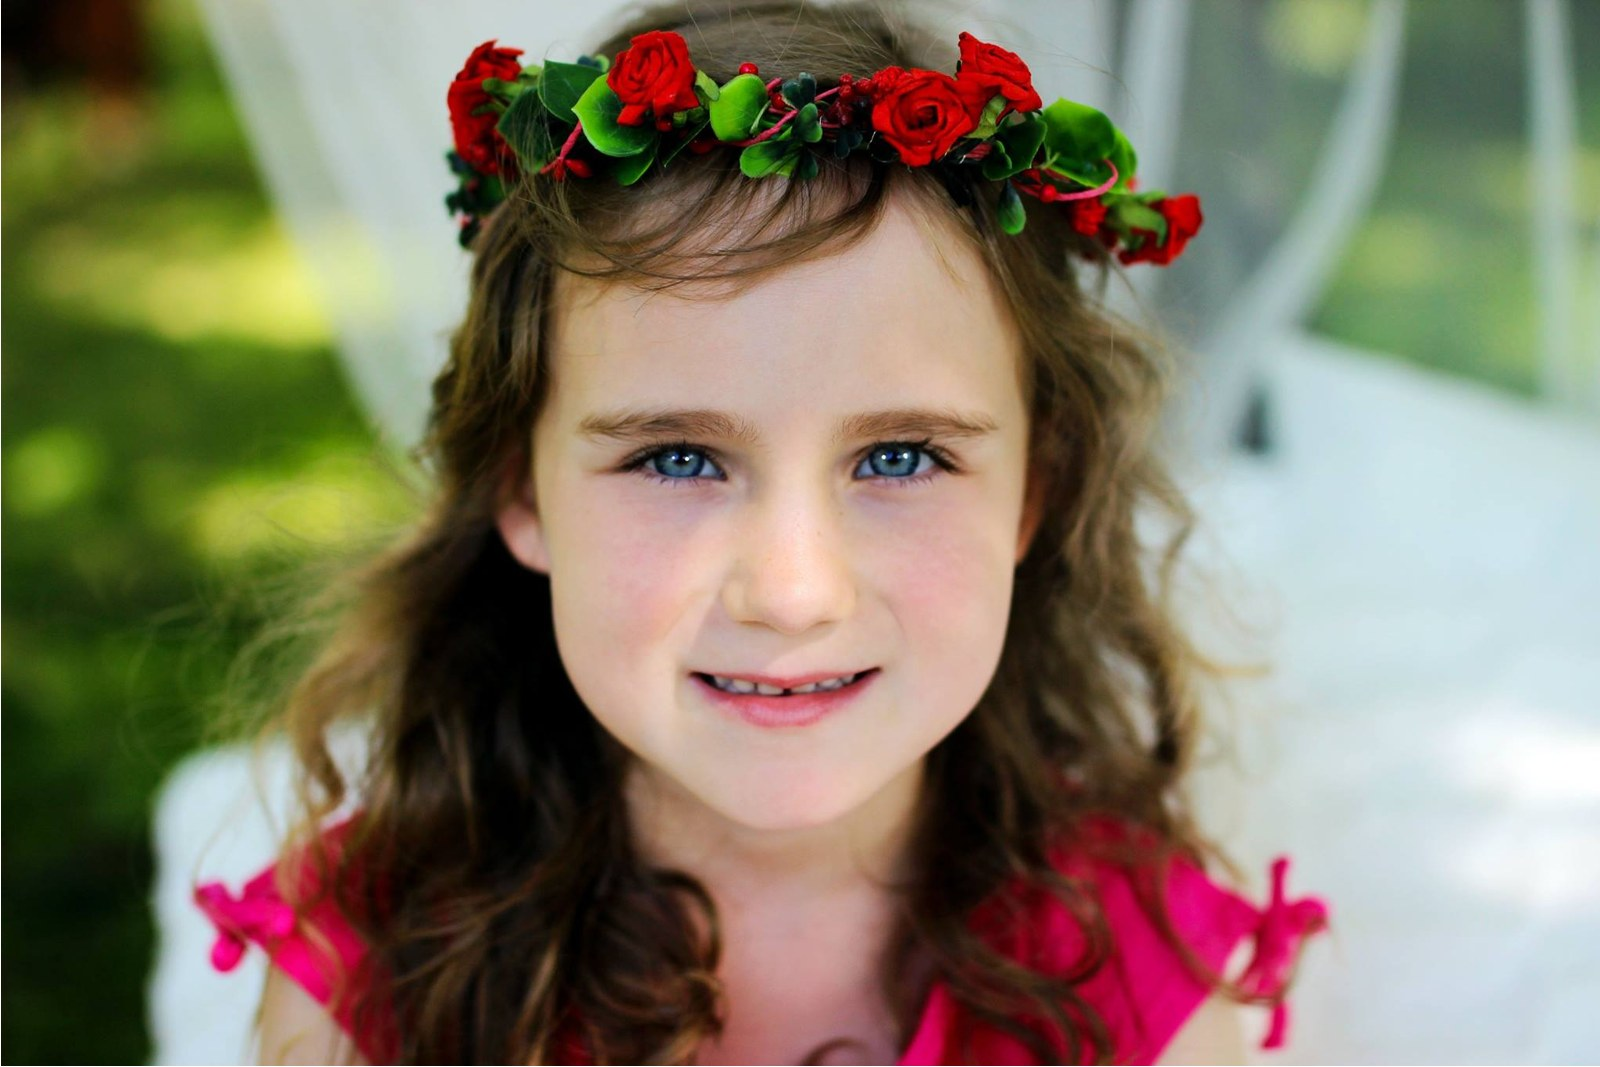 červený věneček do vlasů   Zboží prodejce hanacha  3943824839